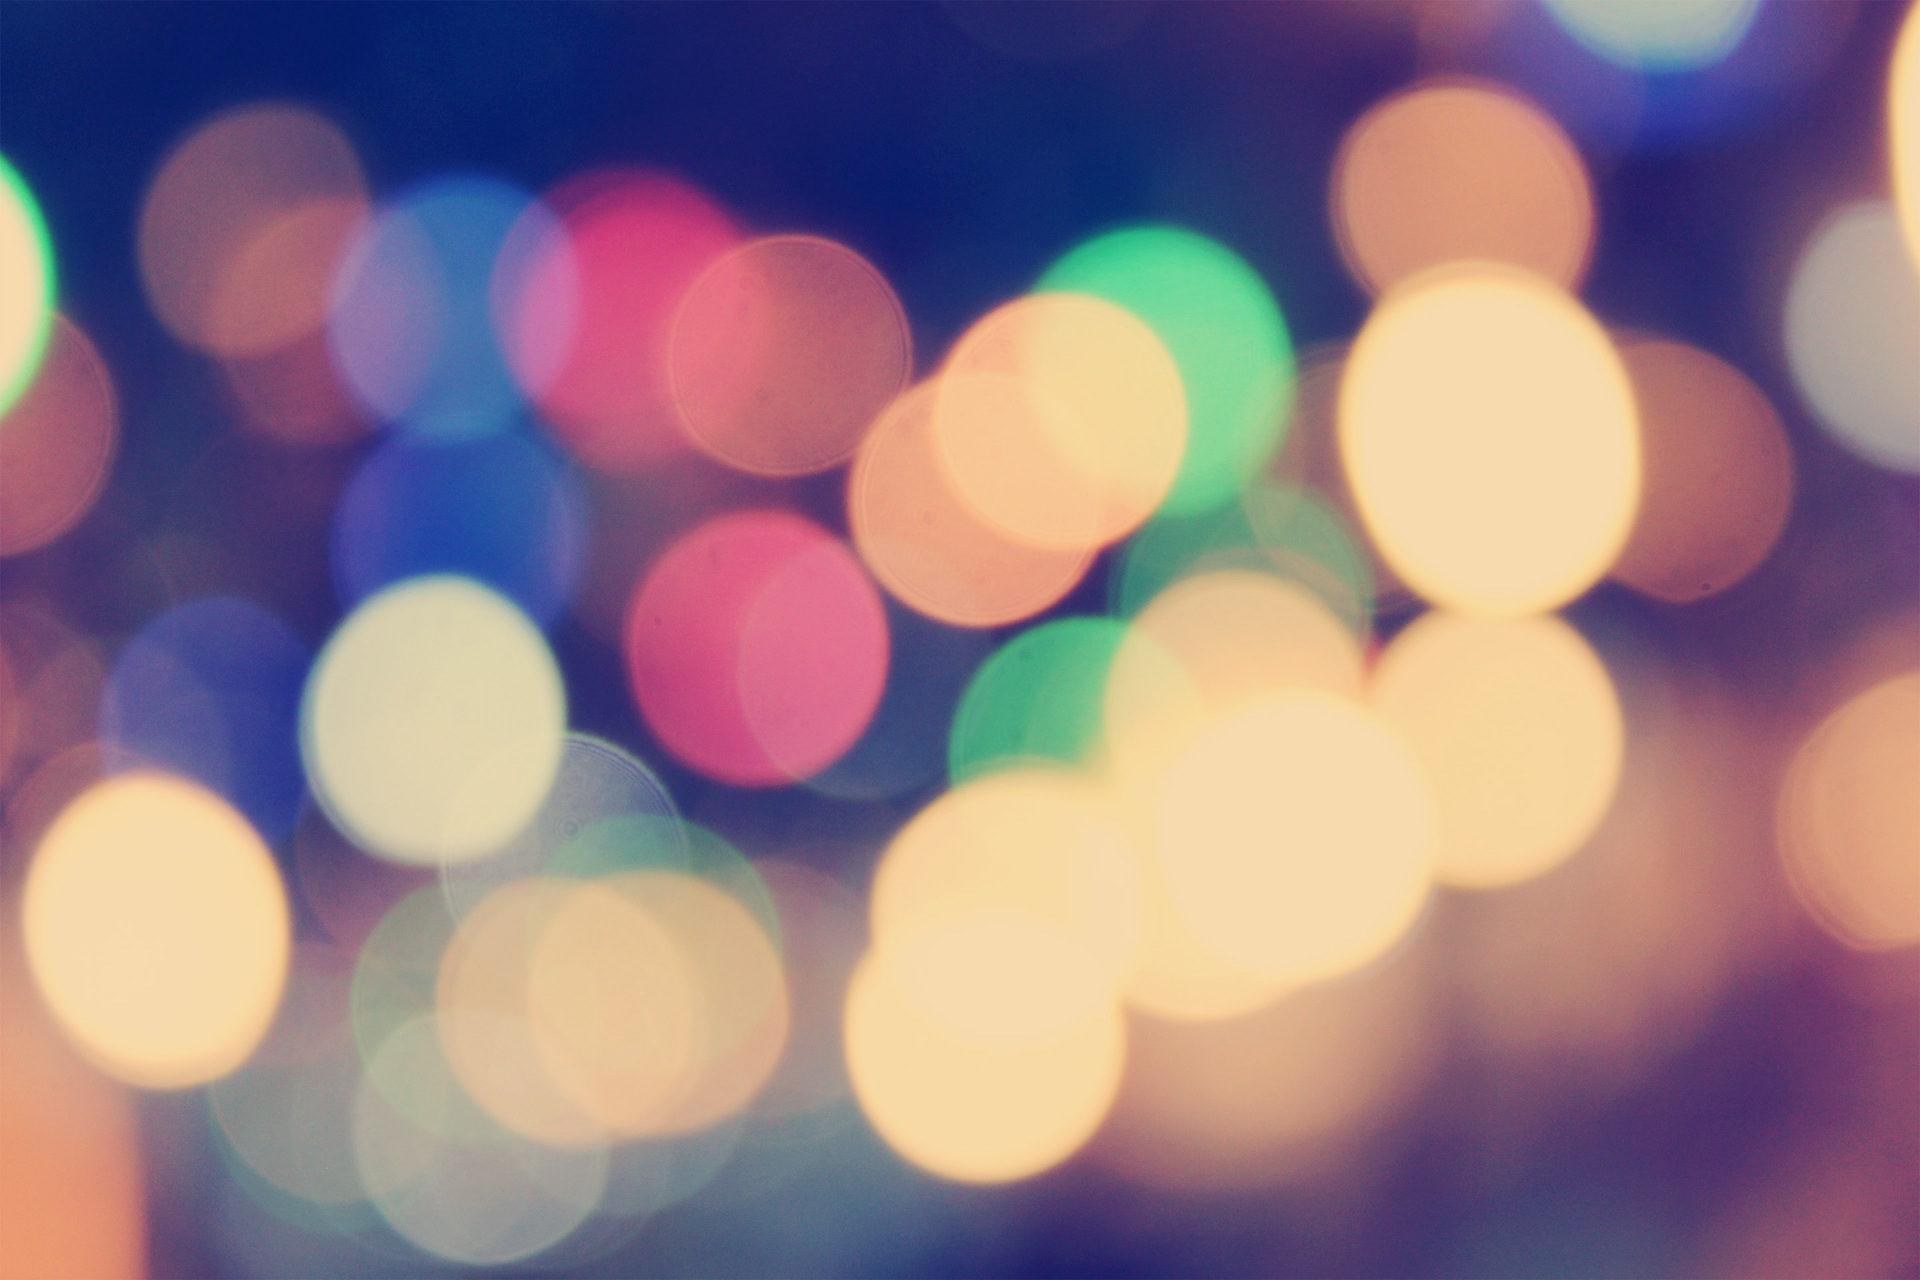 ライト, 夜, 市, トラフィック, ぼかし - HD の壁紙 - 教授-falken.com